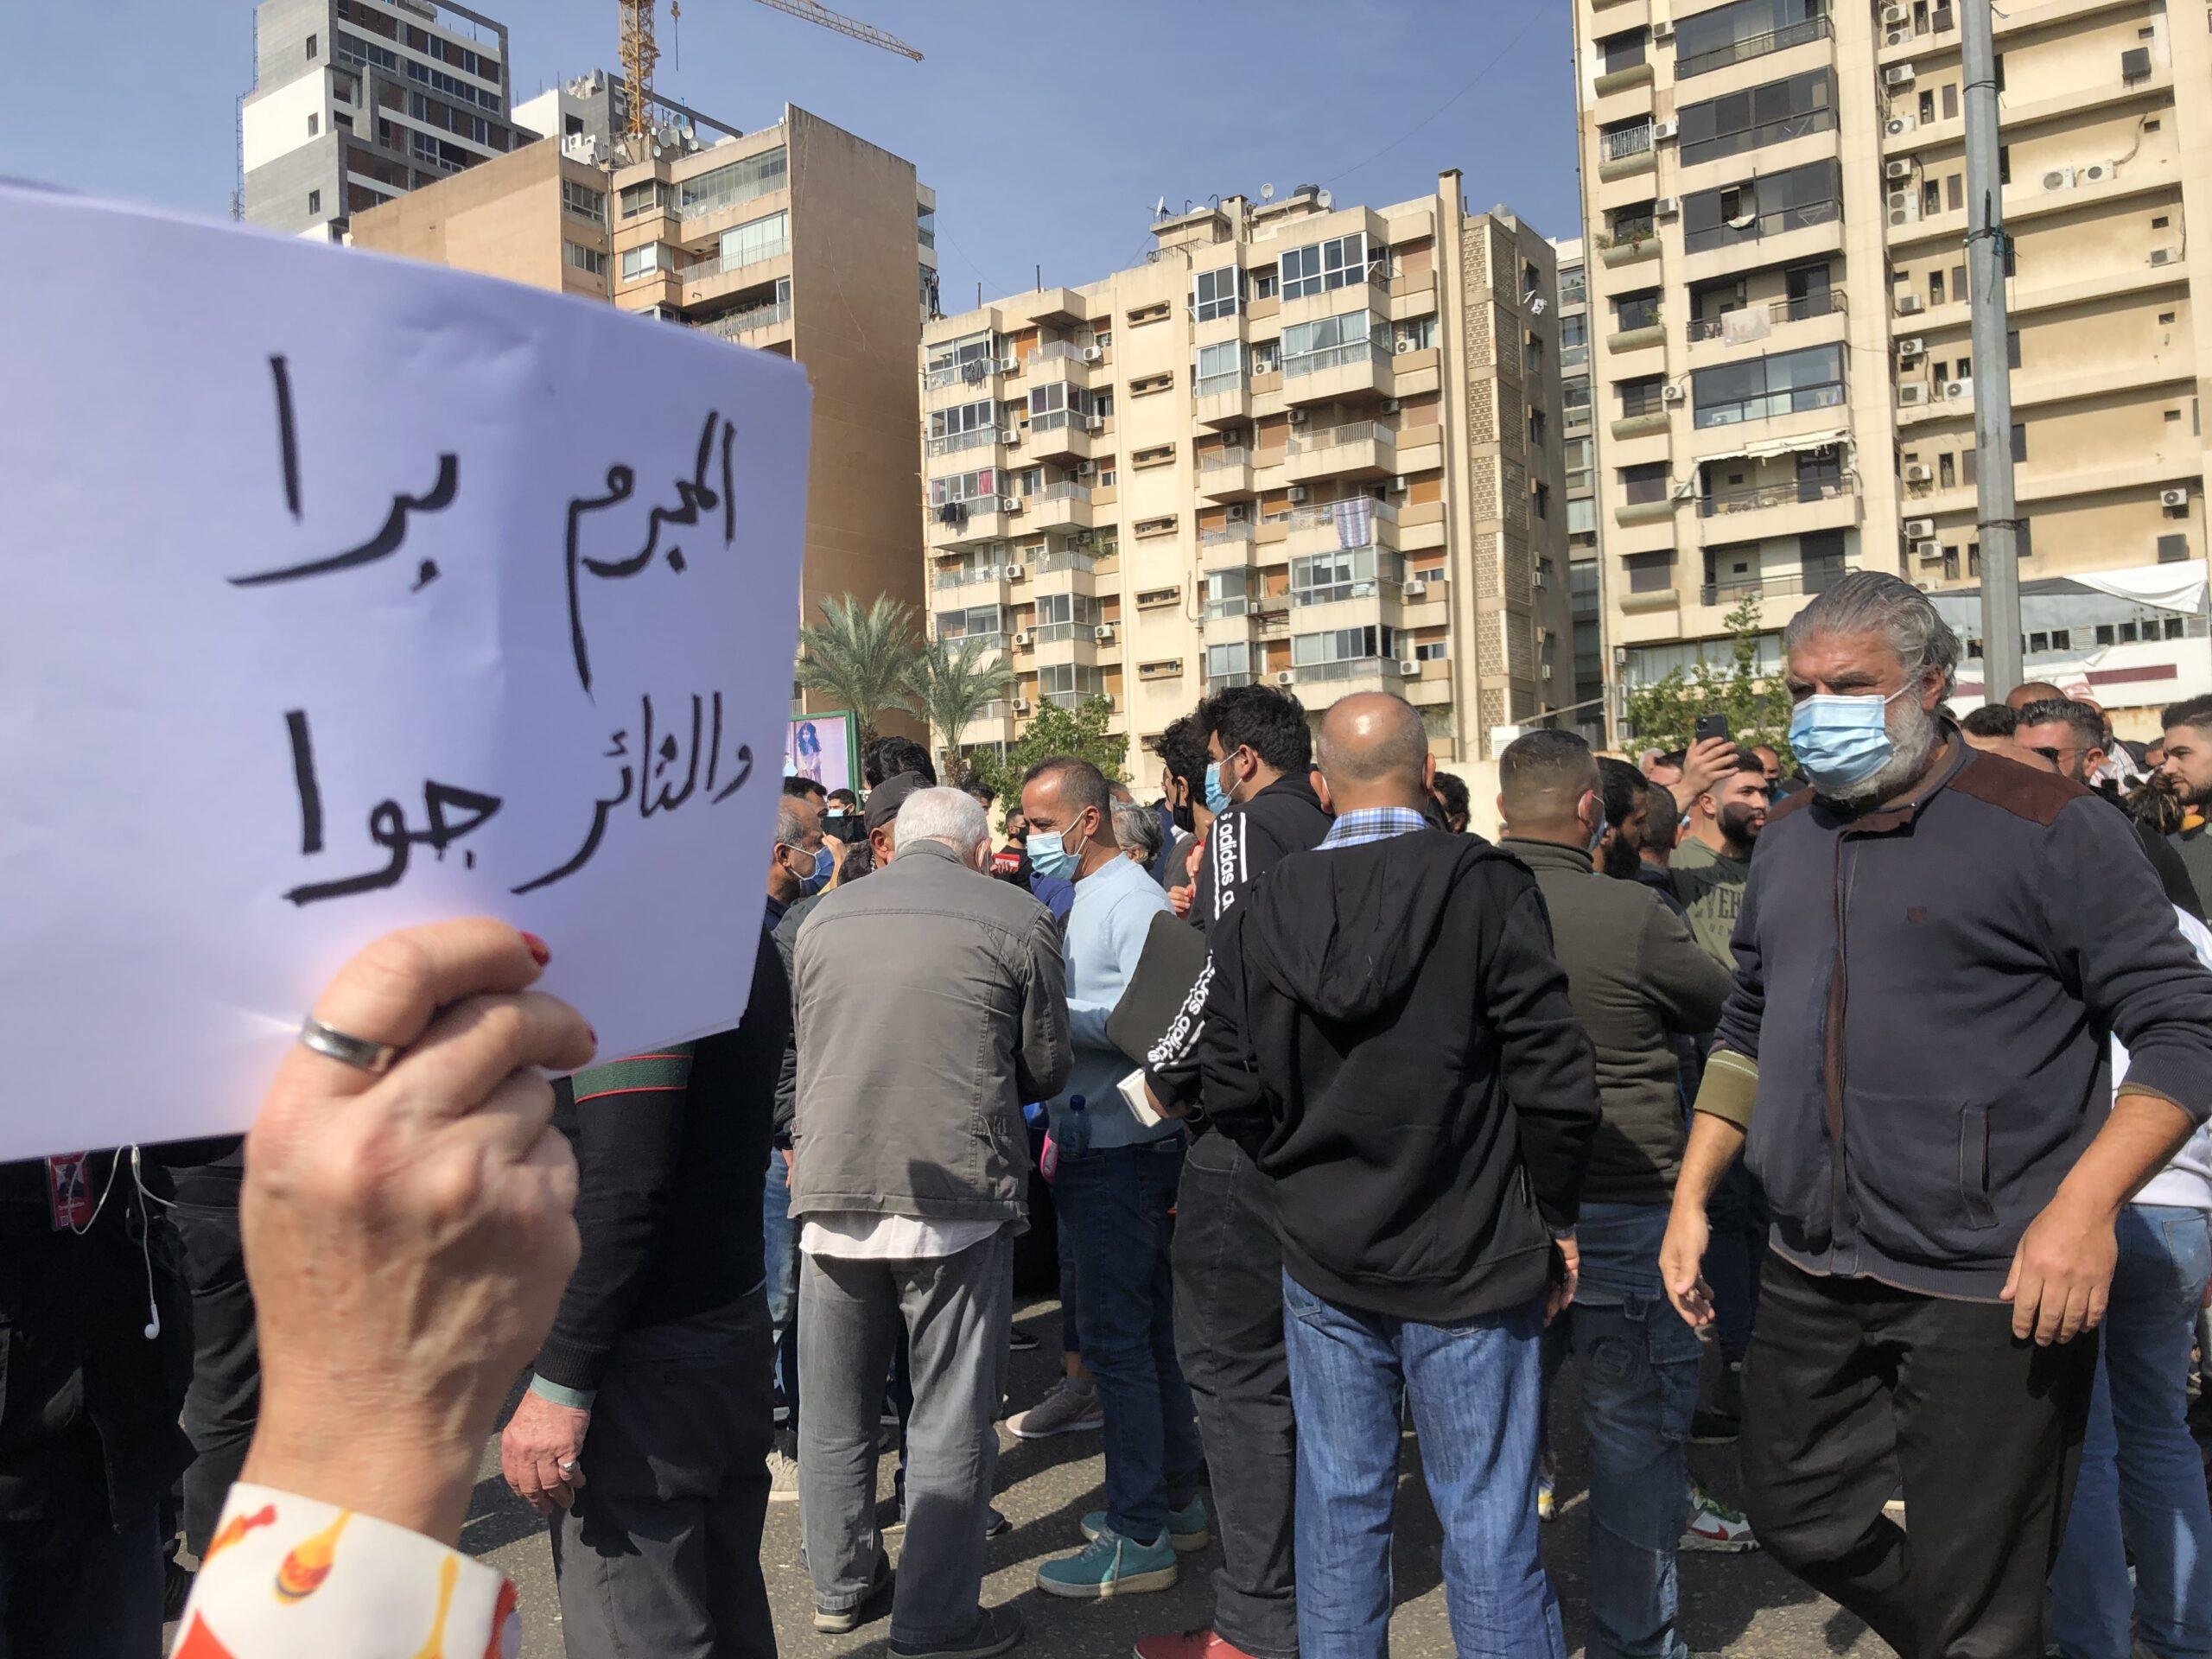 شبهات تعذيب وإخفاء قسري في ملفّات موقوفي احتجاجات طرابلس